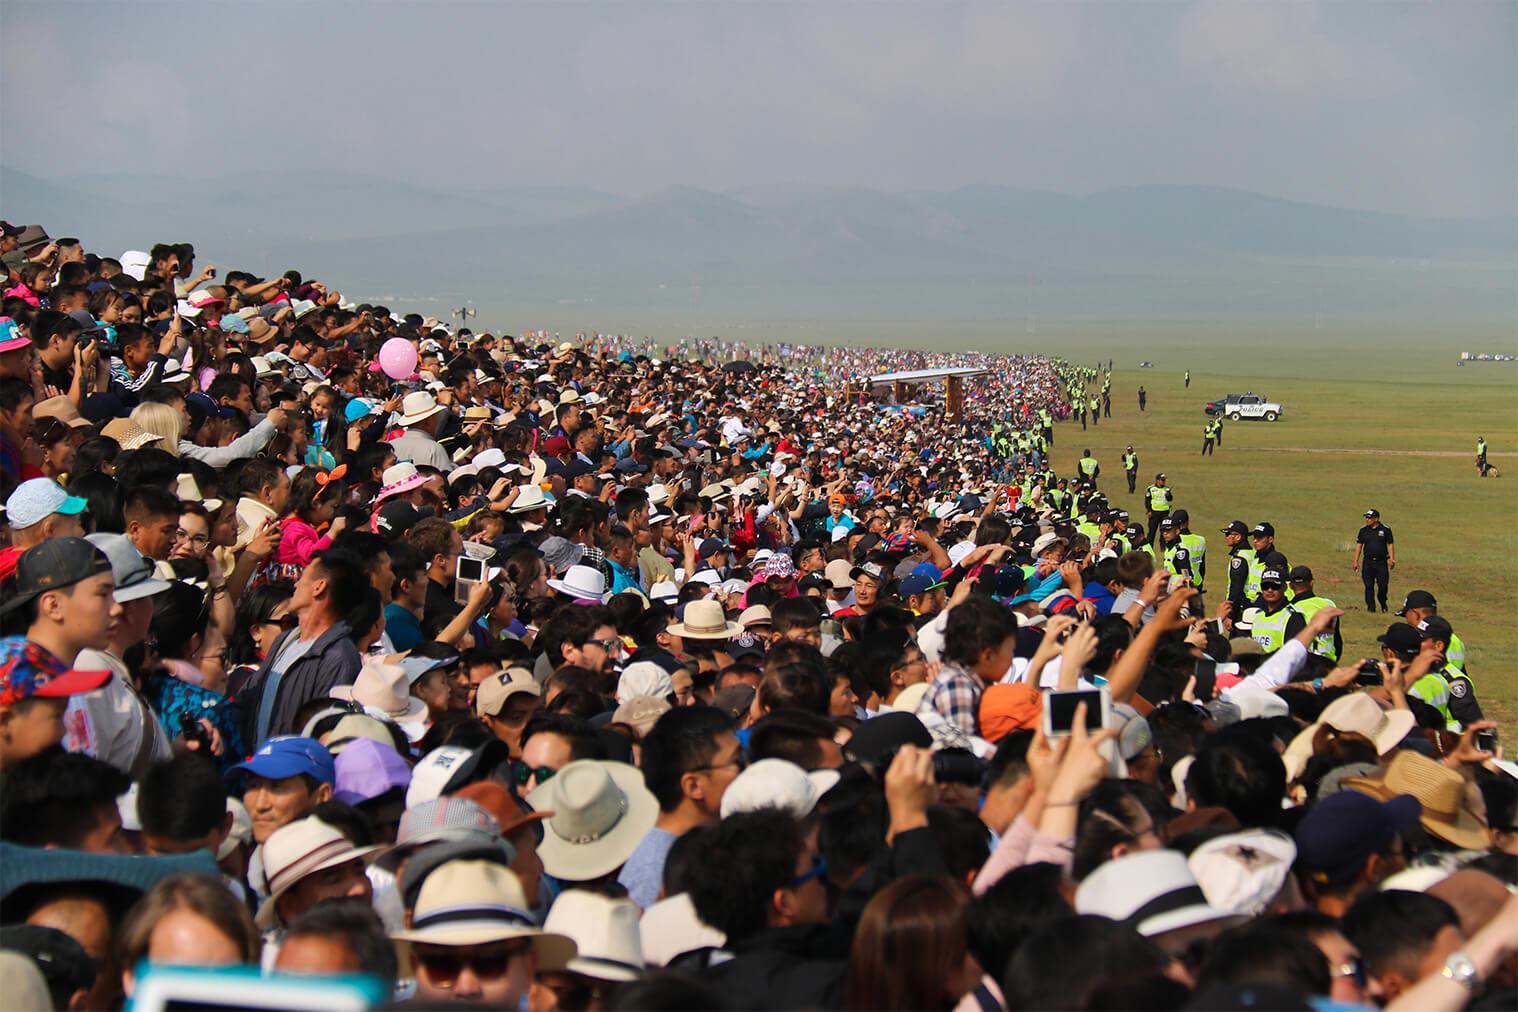 festivaly vo svete